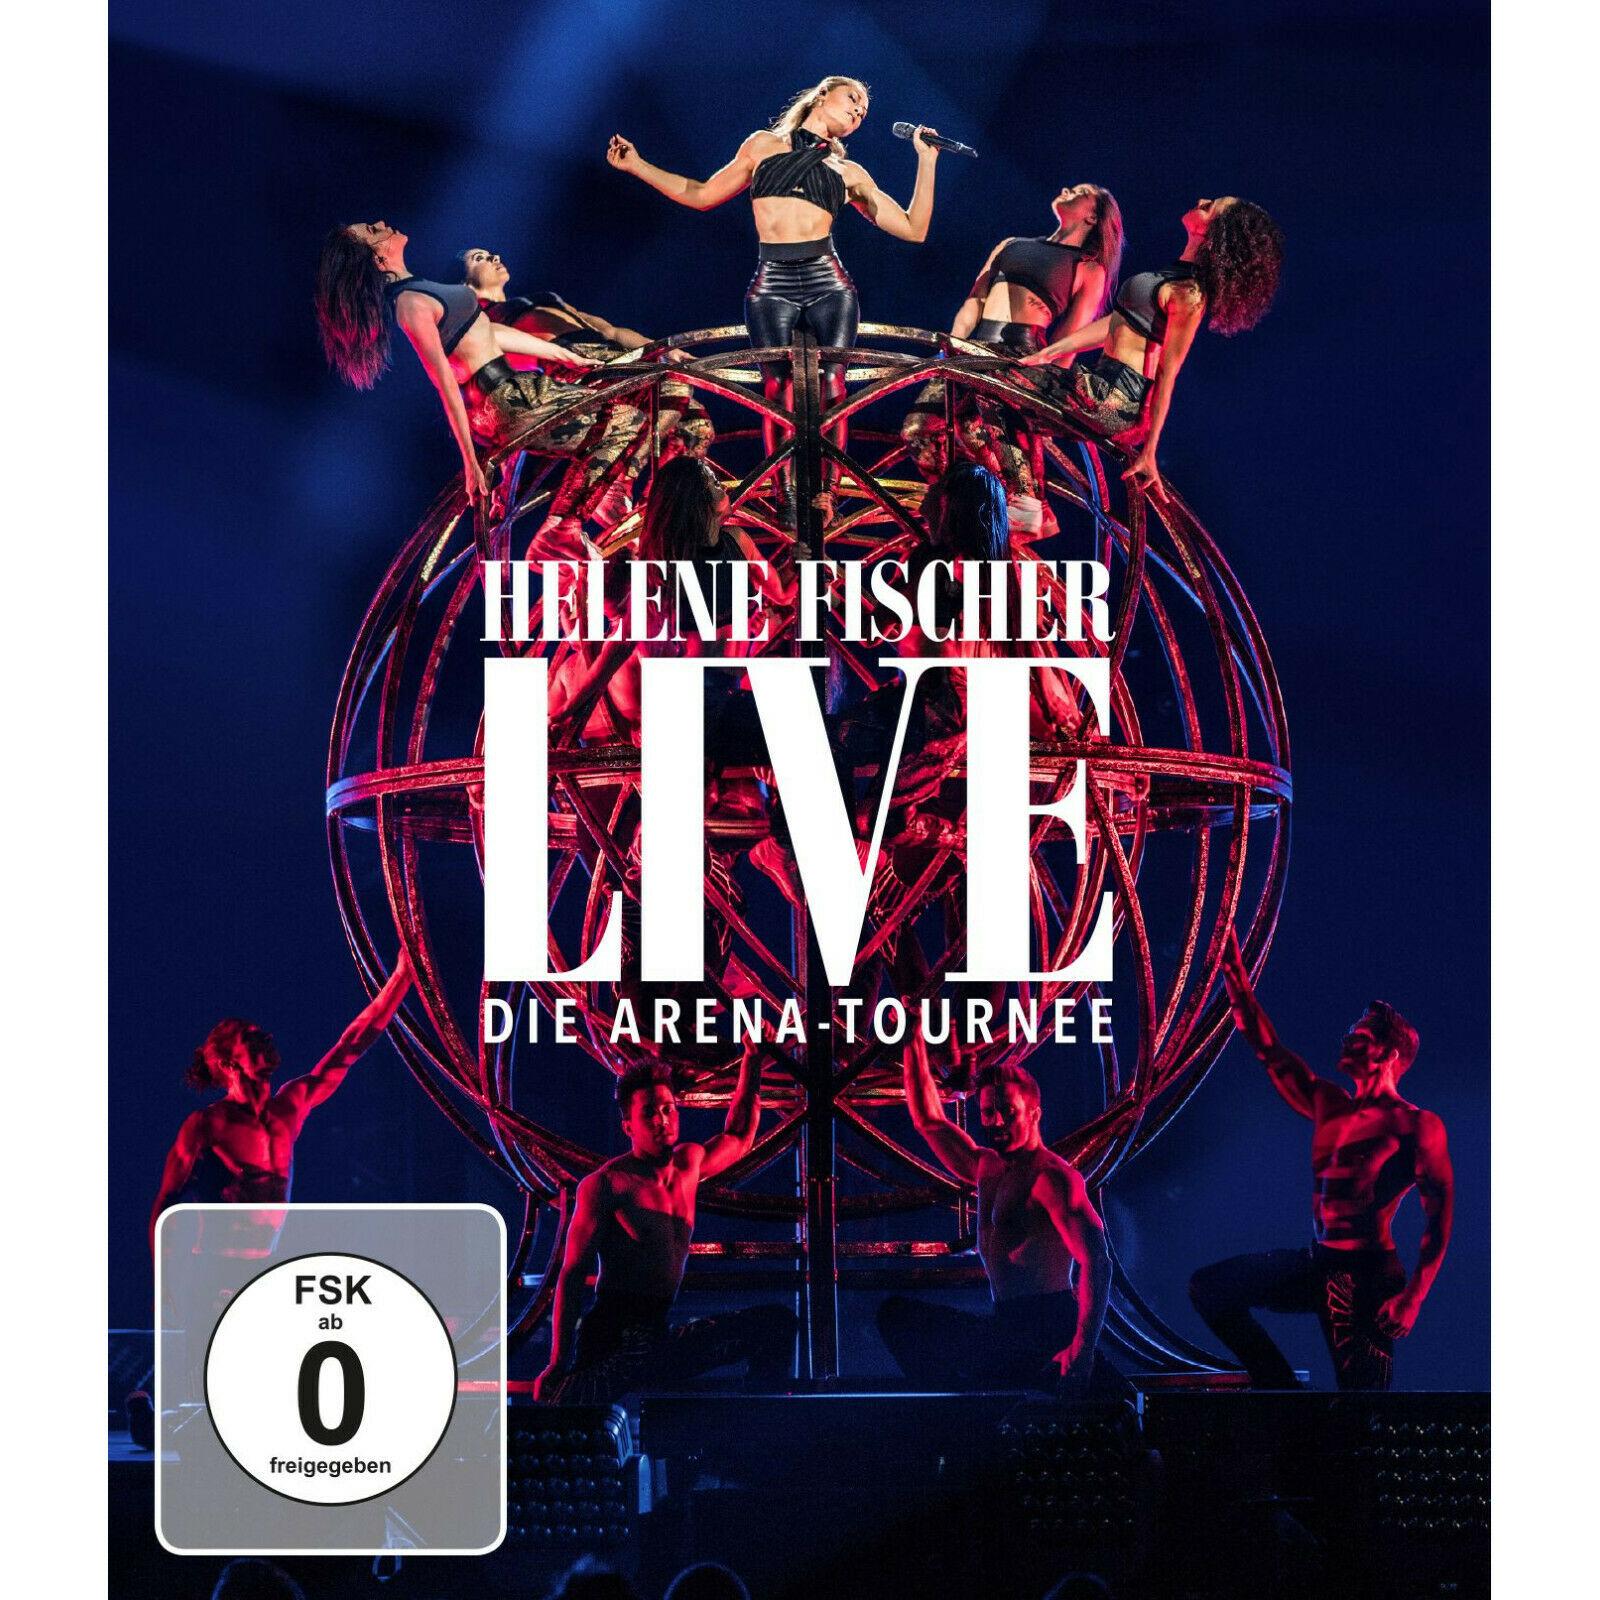 Helene Fischer Live - Die Arena-Tournee Blu-ray [Saturn]